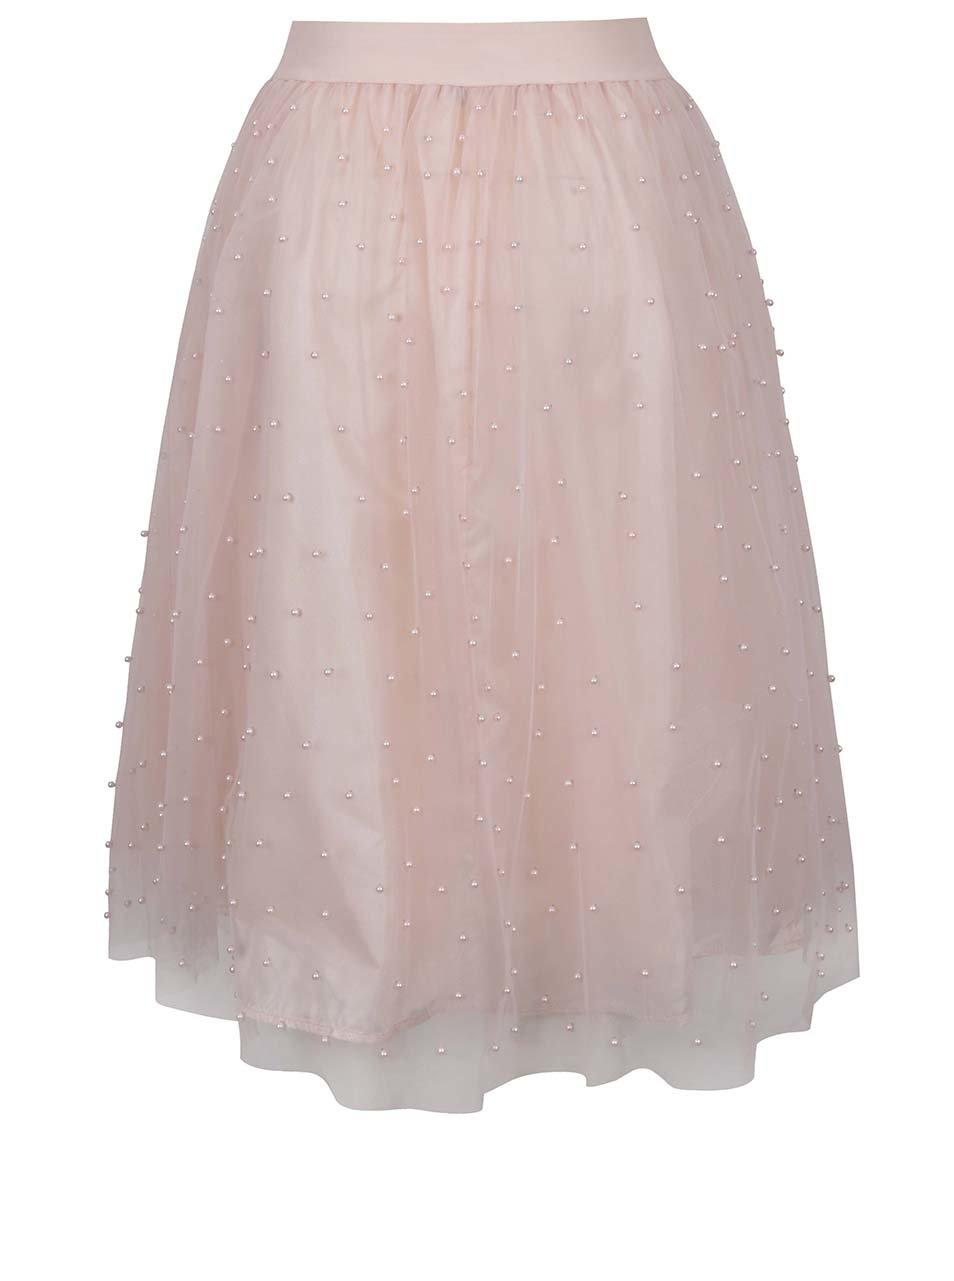 24b2f35aa971 Ružová midi sukňa s korálovou aplikáciou Little Mistress ...